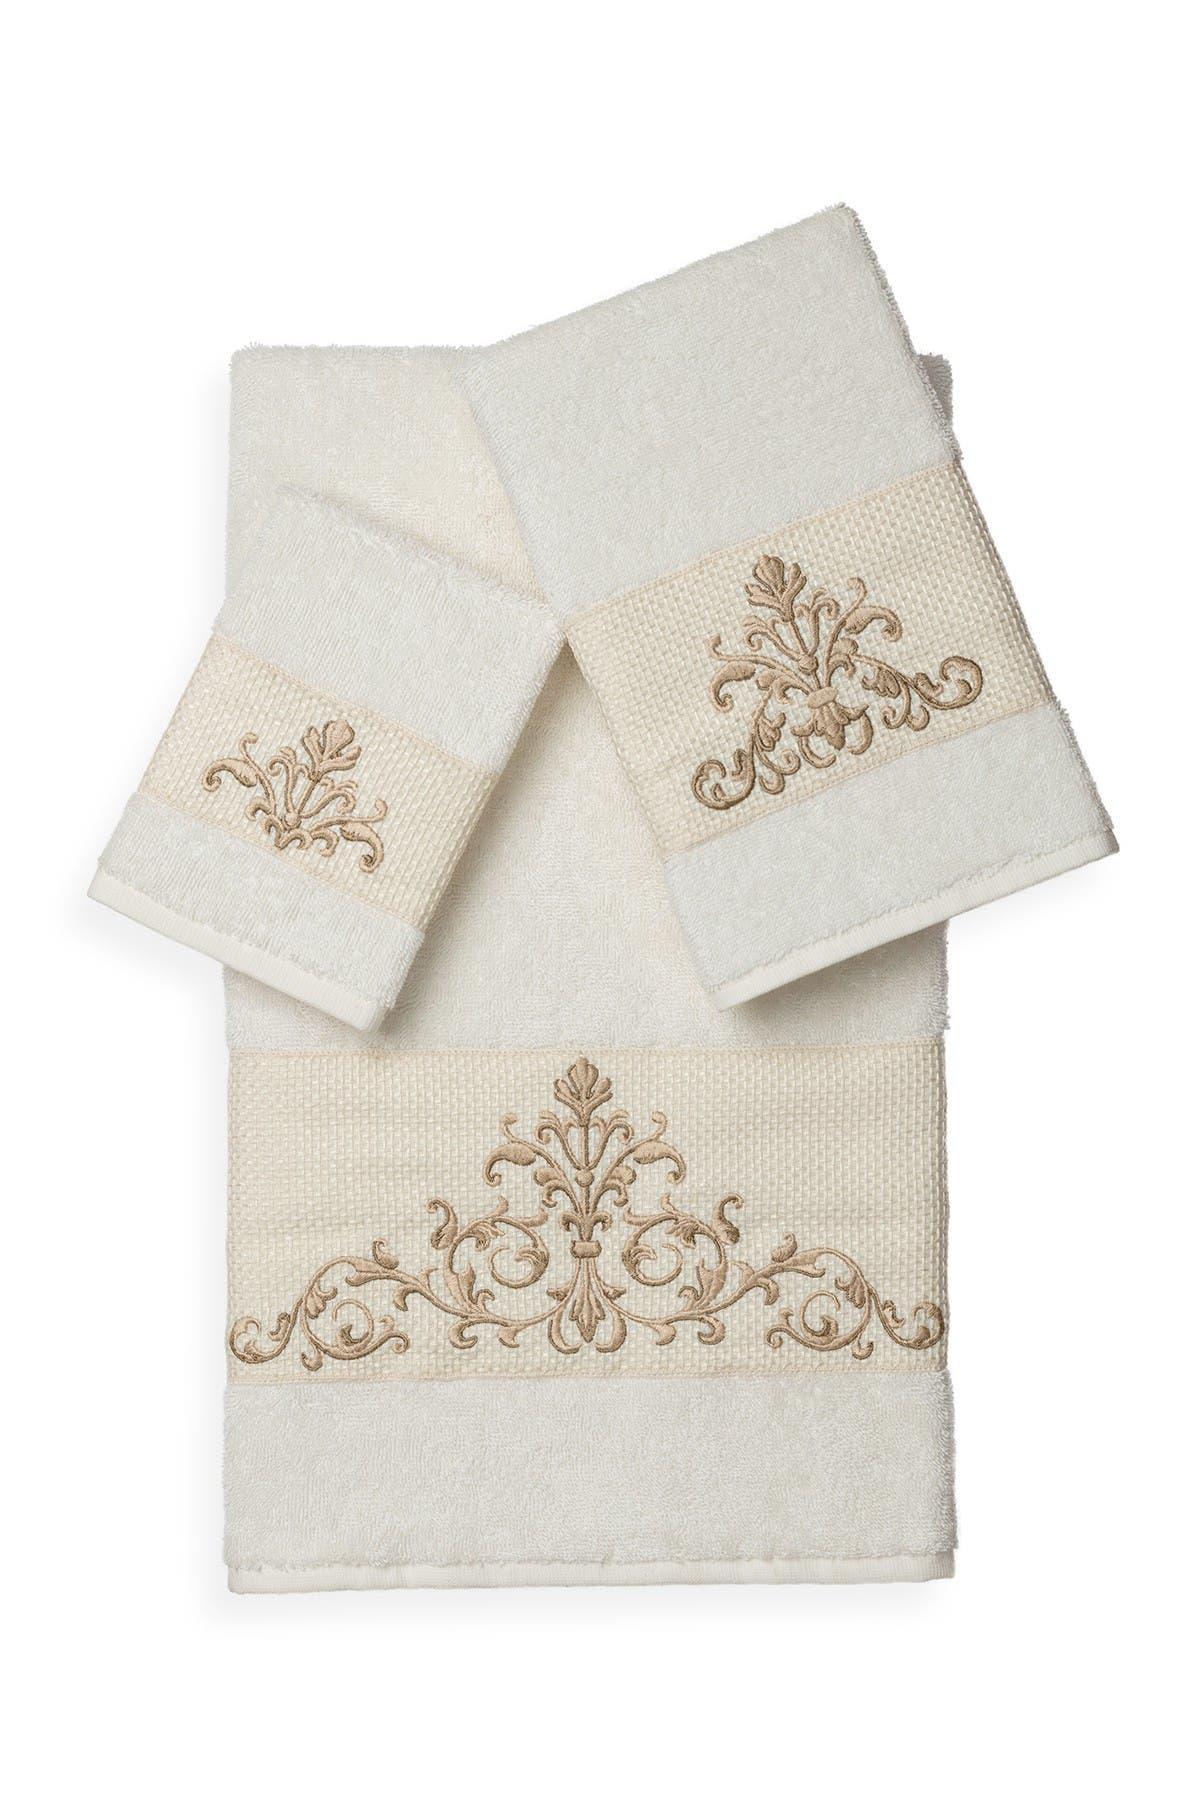 Image of LINUM HOME Scarlet 3-Piece Embellished Towel Set - Cream